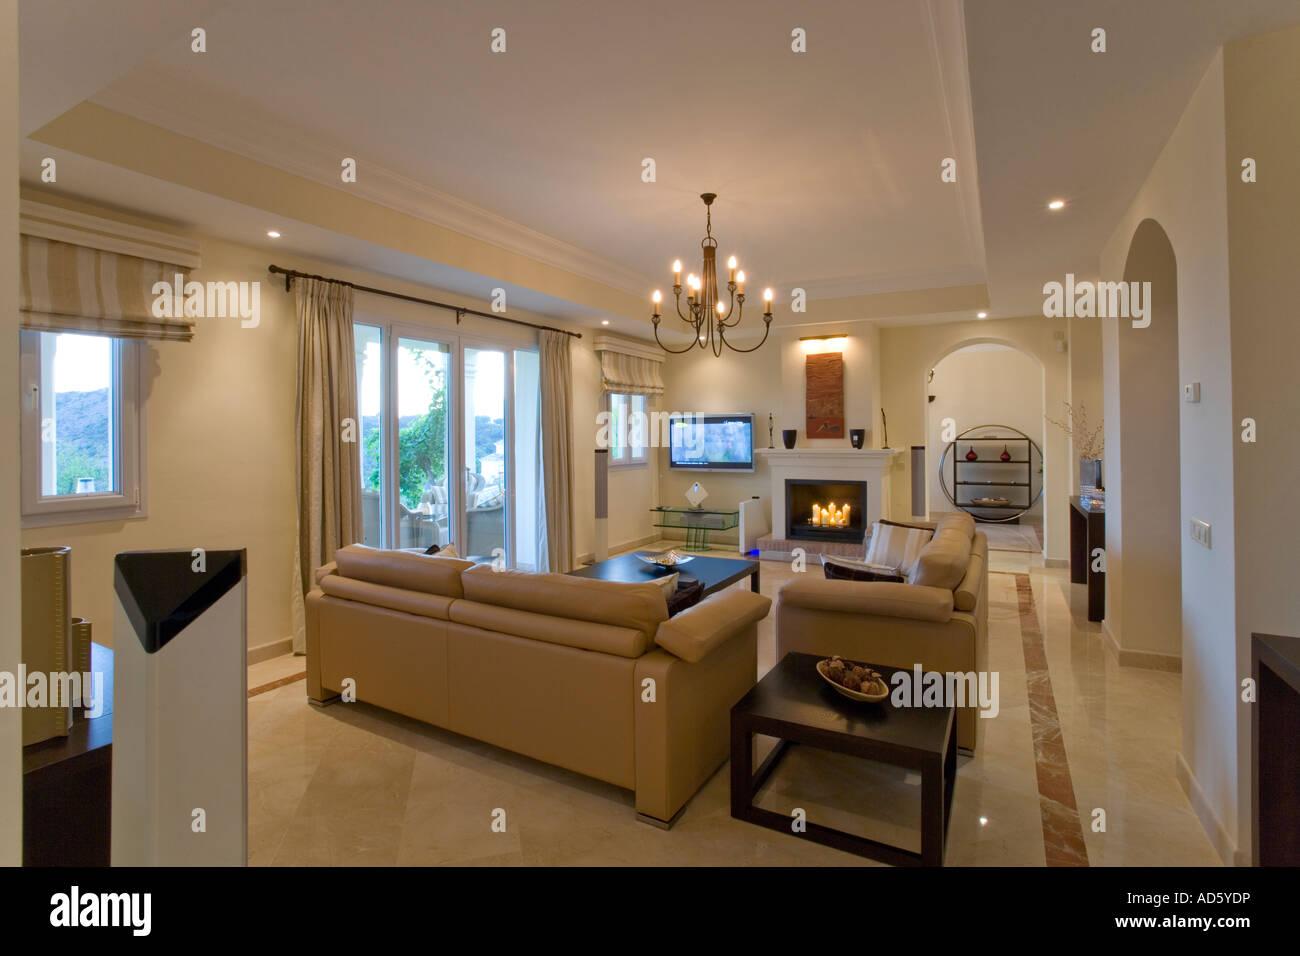 beiges ledersofa in wohnung wohnzimmer mit kamin und marmor boden stockfoto bild 13315281 alamy. Black Bedroom Furniture Sets. Home Design Ideas